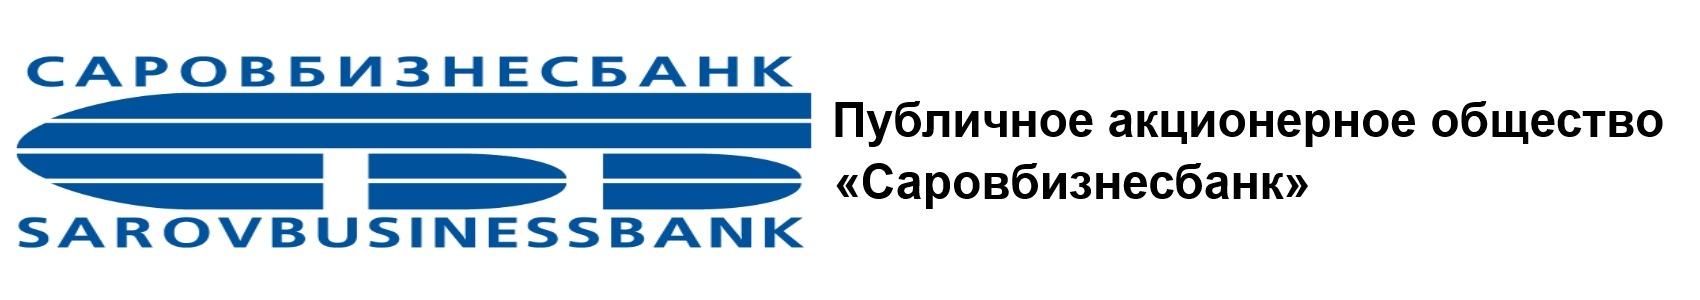 ПАО «Саровбизнесбанк»